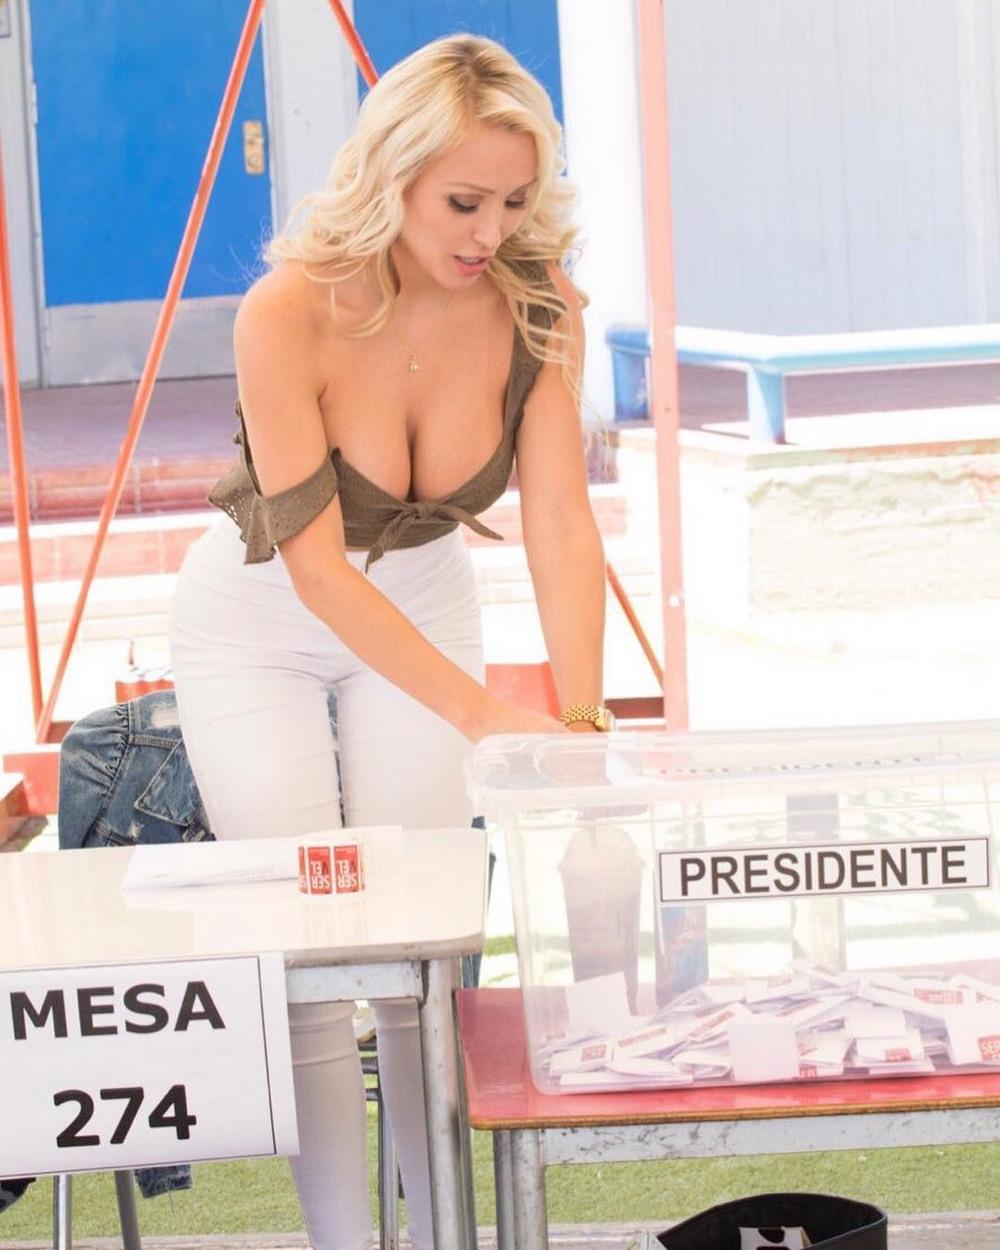 Даниэлла Чавес на снимках из Instagram 32летняя, модель, Даниэлла, Чавес, Daniella, Chavez, снимках, Instagram, январь, 2018декабрь, страницу, Даниэллы, подписаны, более, человек